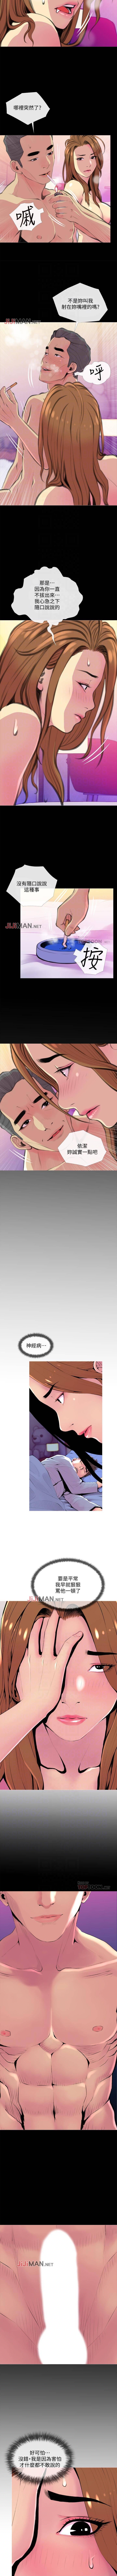 【周五连载】主妇危机(作者:查爾斯&漢水) 第1~26话 136